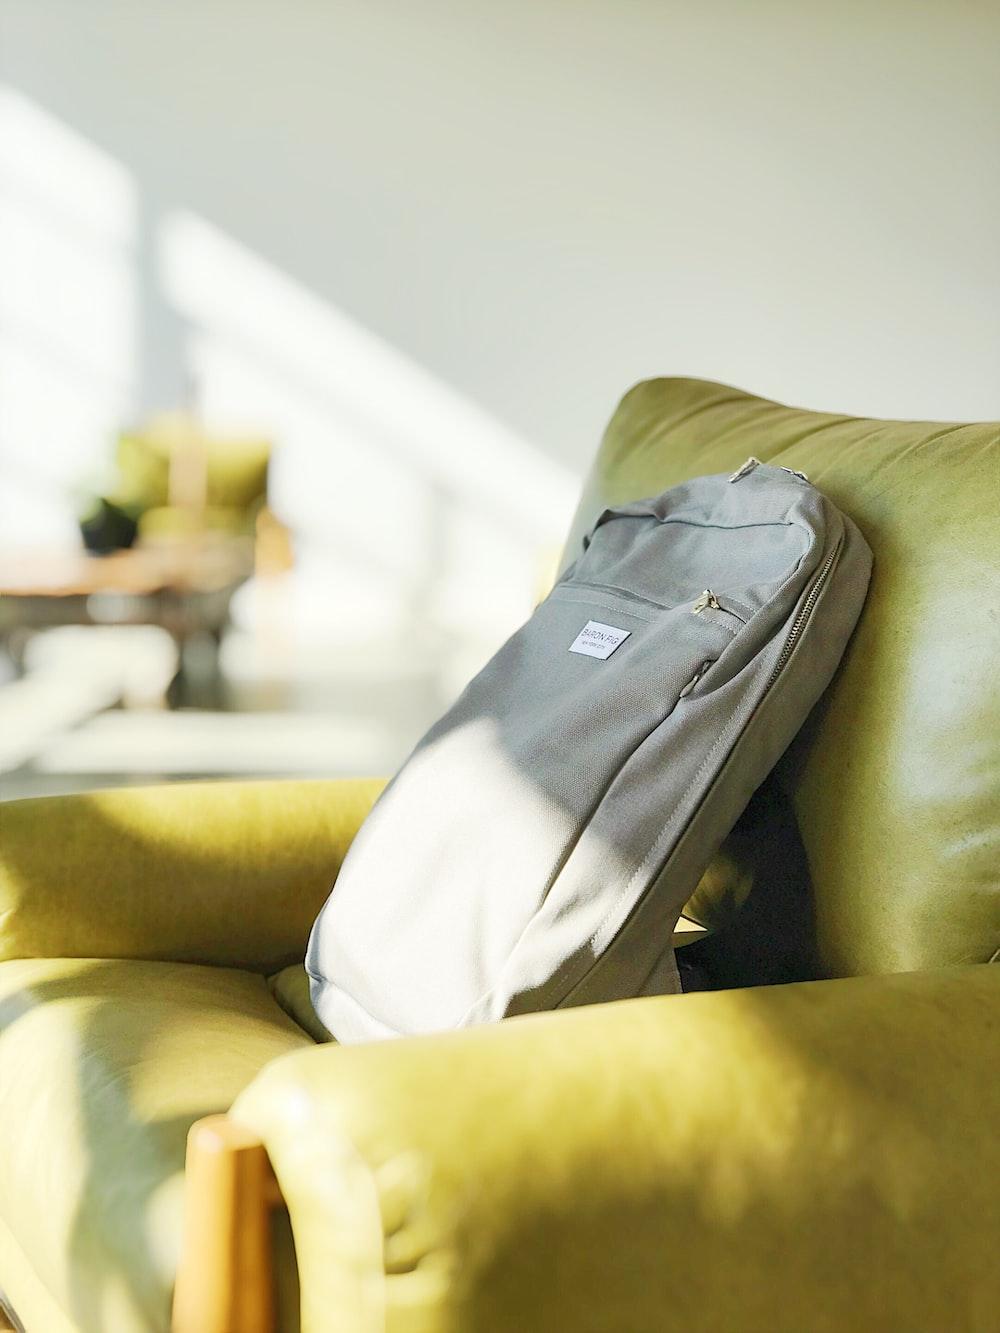 grey bag on sofa